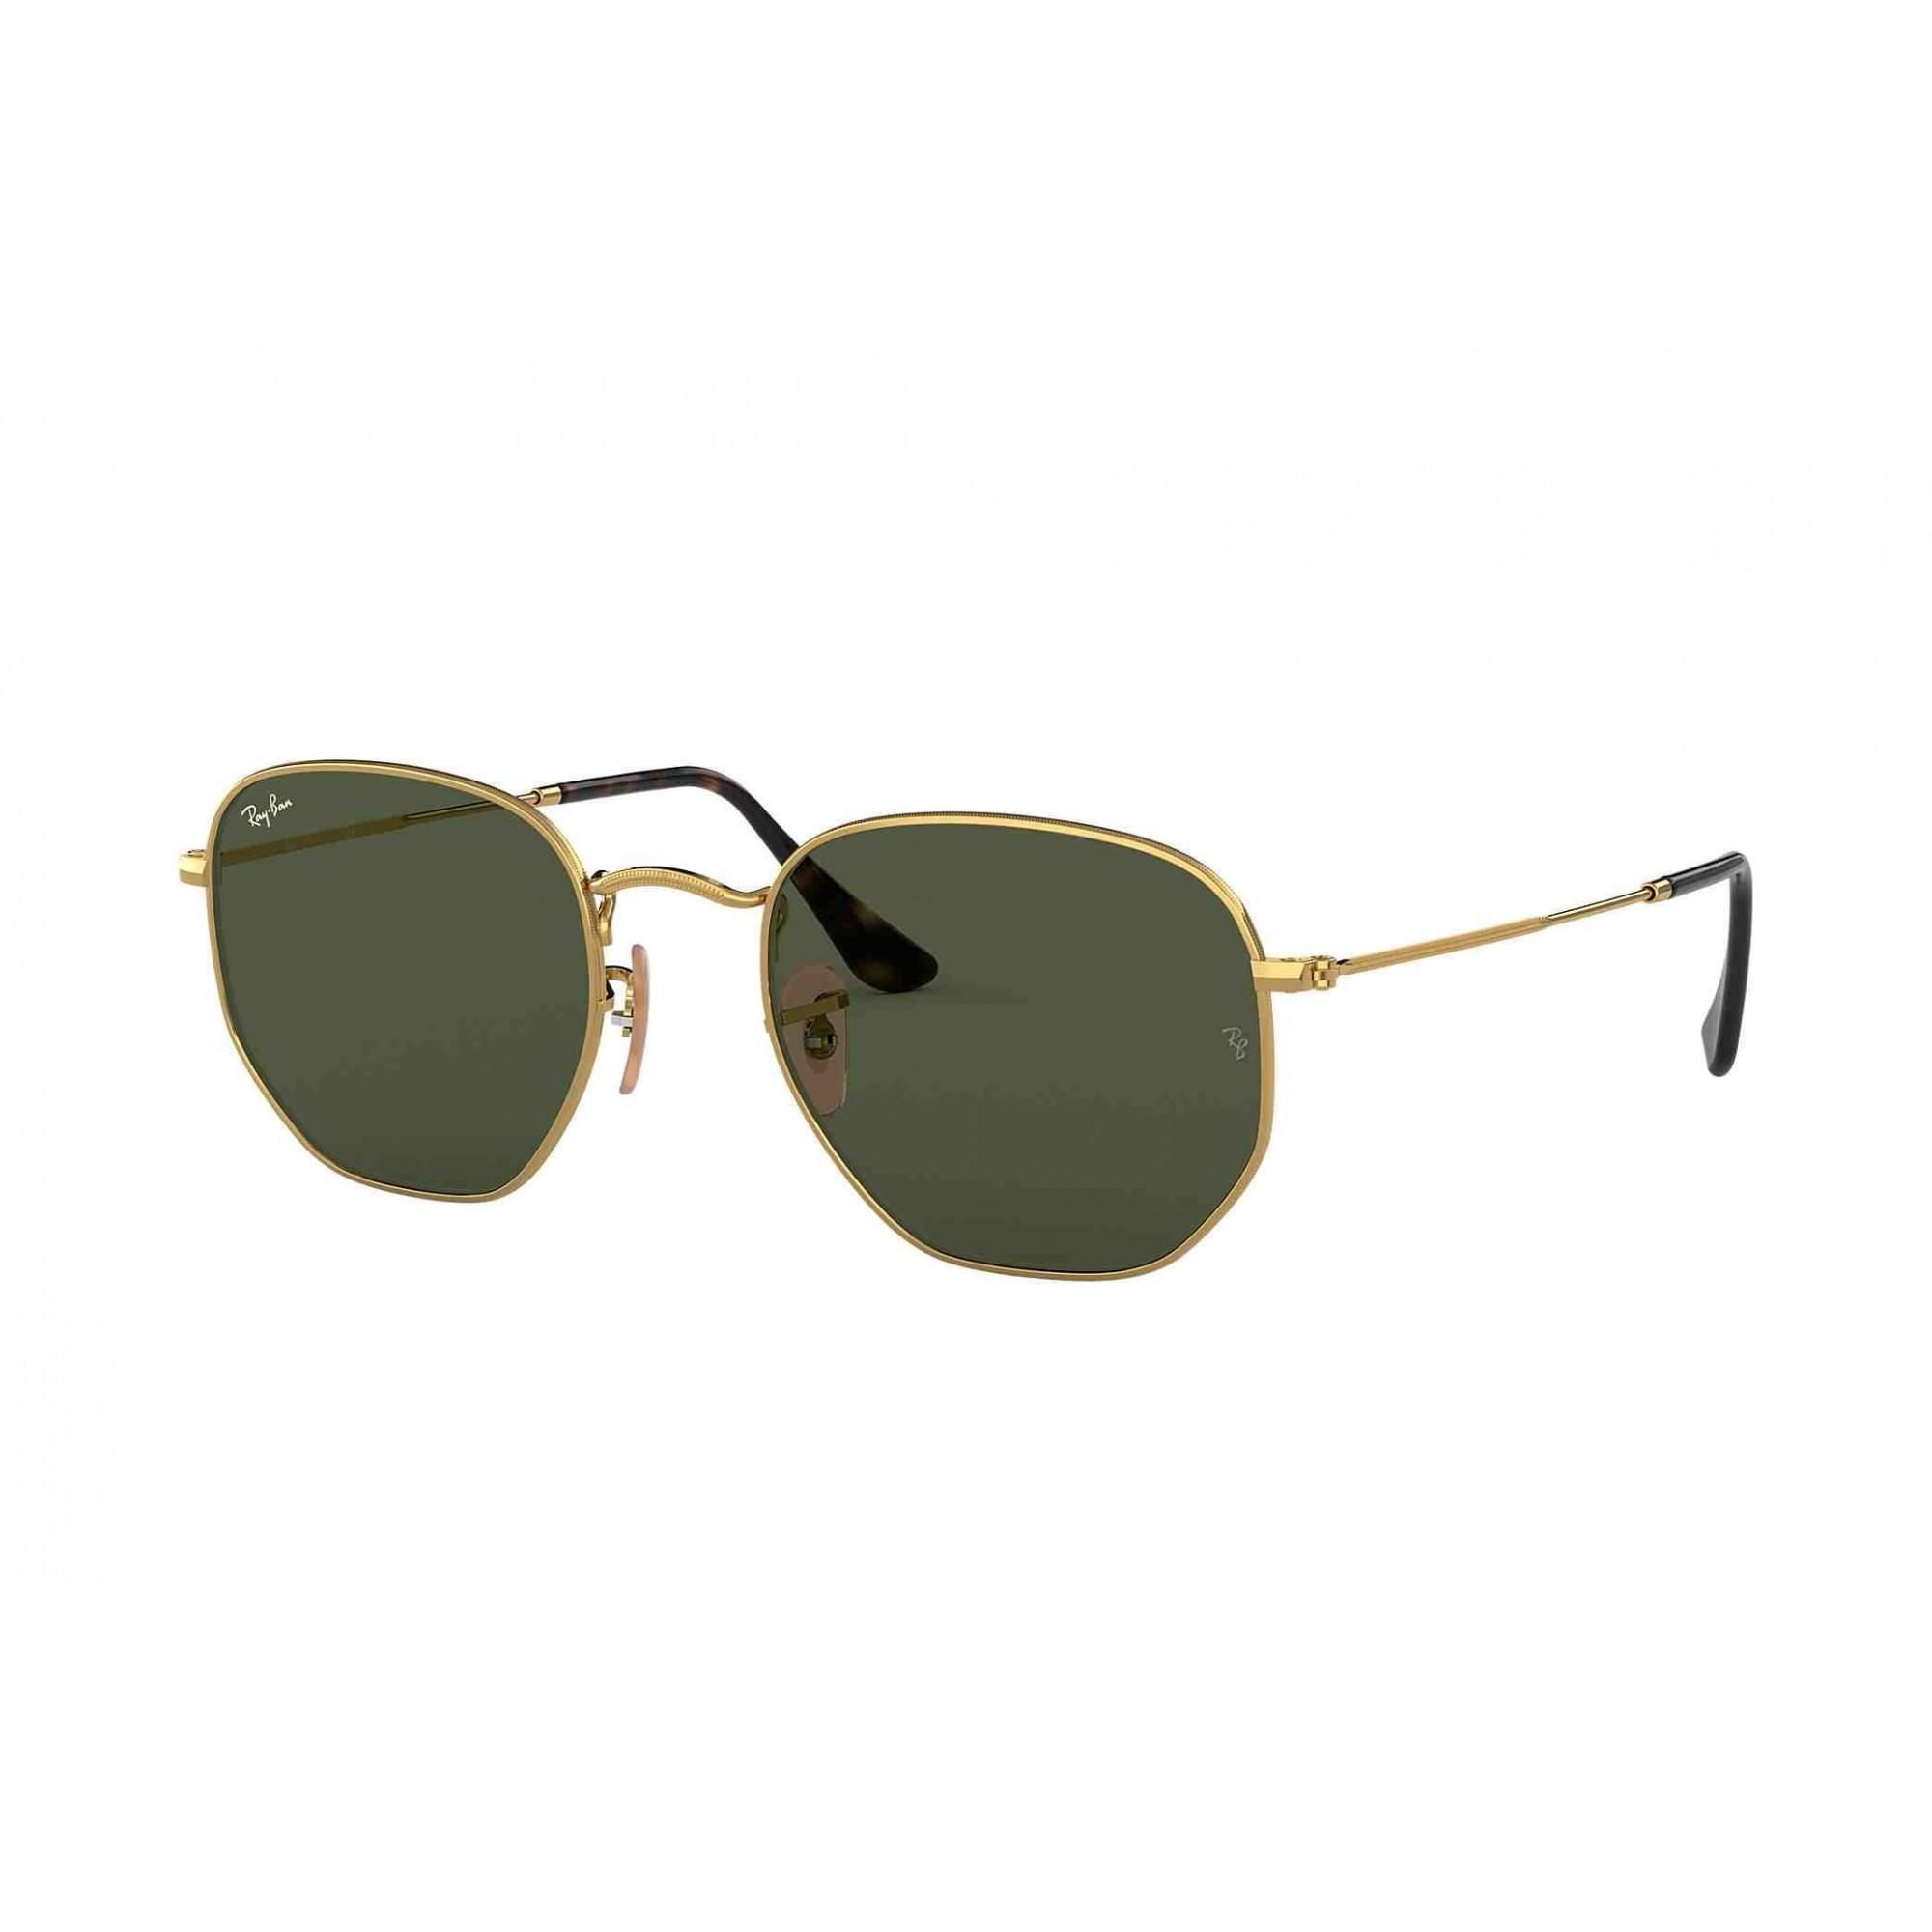 Óculos de sol Ray Ban Hexogonal 0RB3548NL 001 51